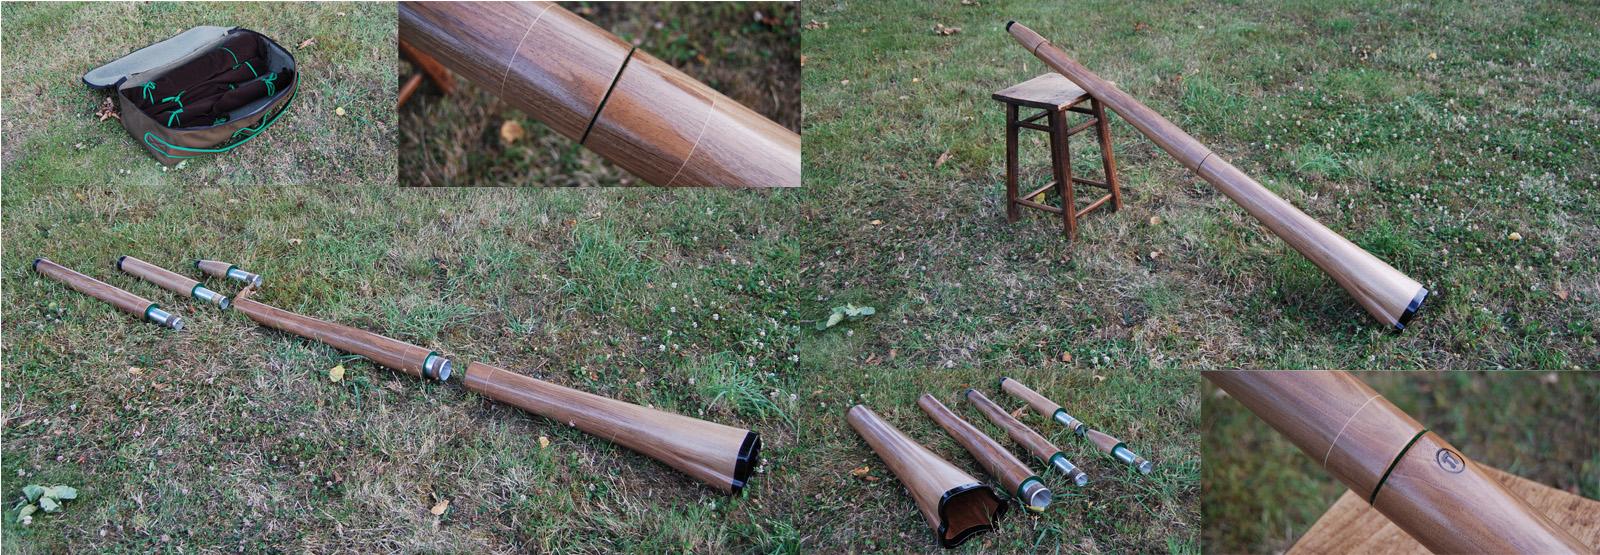 Pivert-Didgeridoos_92_TnT